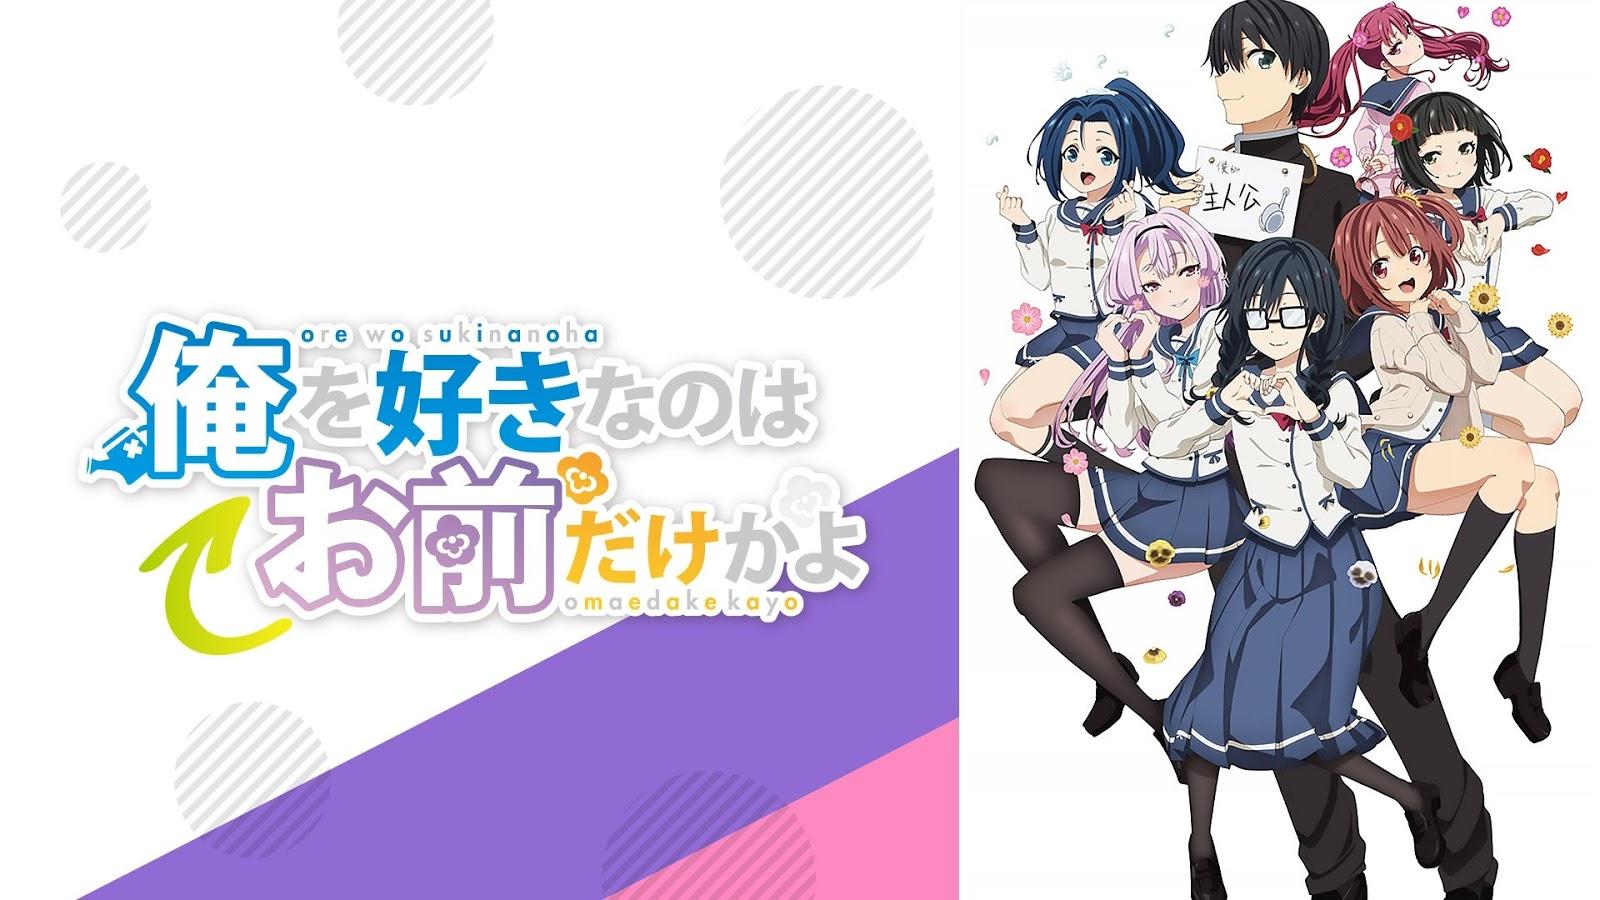 アニメ 好き なのは だけ 俺 お前 を かよ アニメ『俺を好きなのはお前だけかよ』OVAの発売が決定!2020年初夏にはOVA先行上映も  